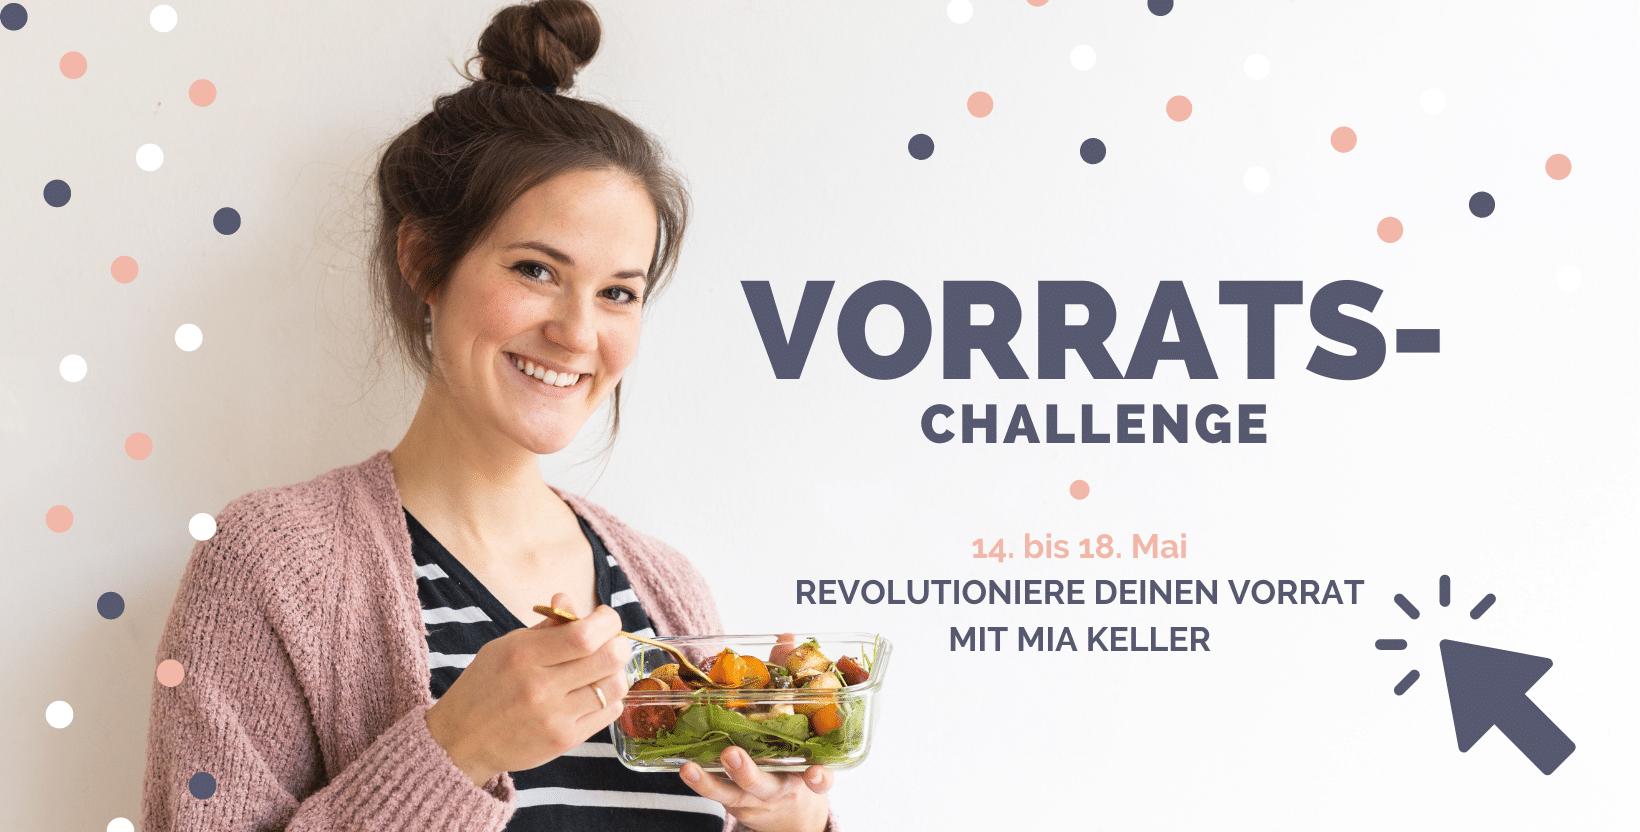 Vorrats-Challenge Anmeldung Kochkarussell